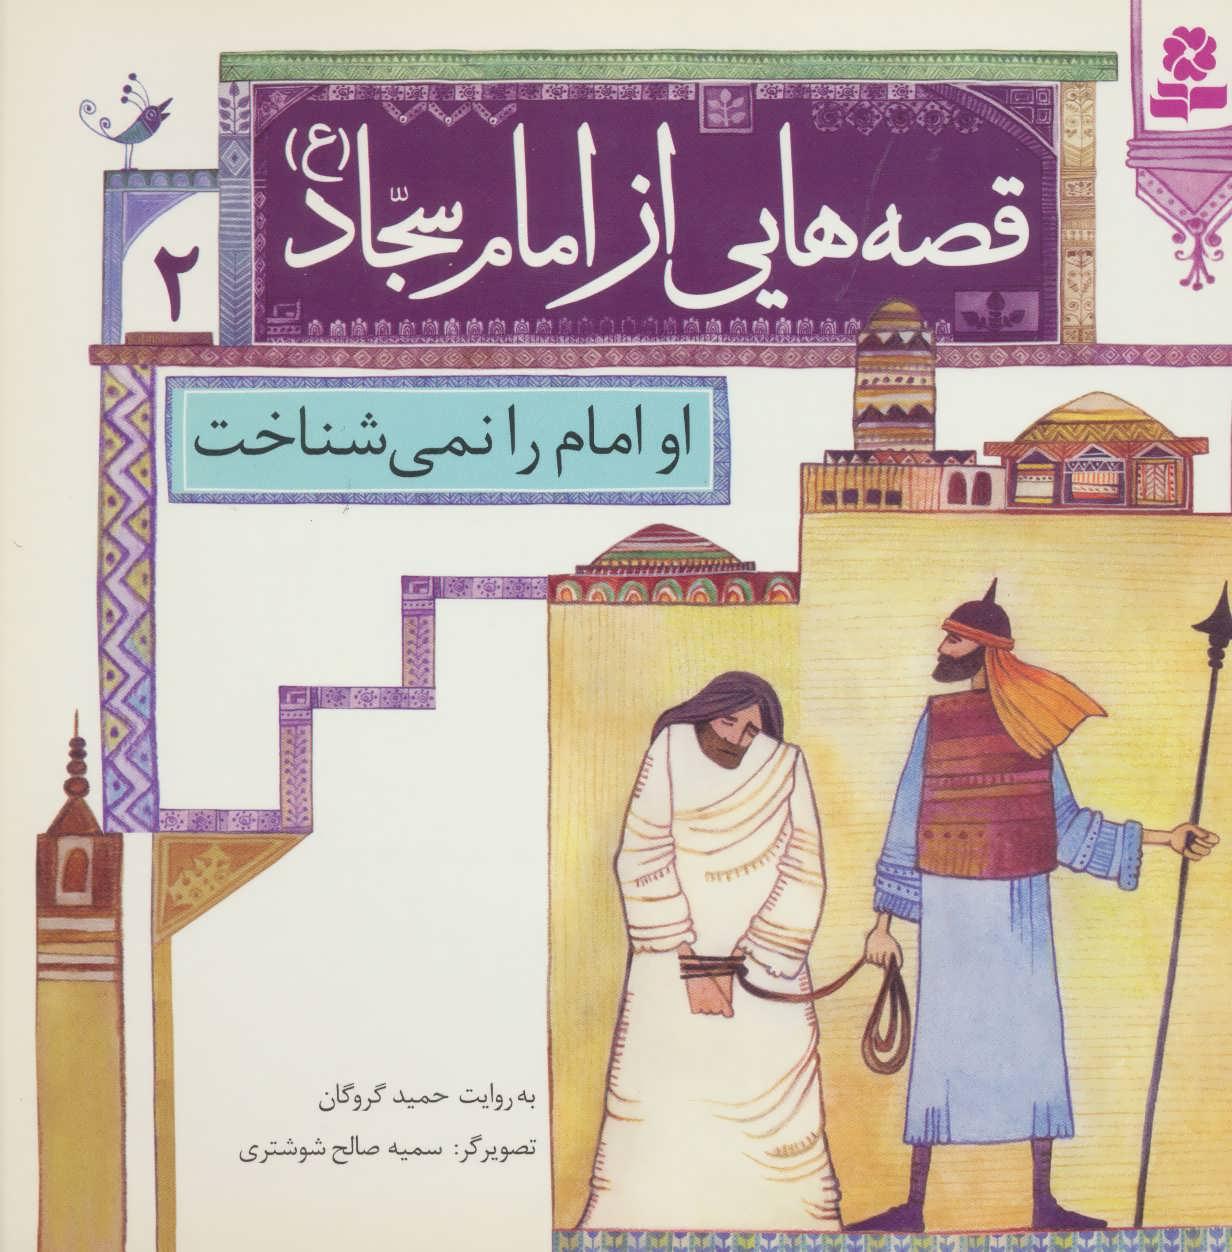 قصه هايي از امام سجاد (ع) 2 (او امام را نمي شناخت)،(گلاسه)